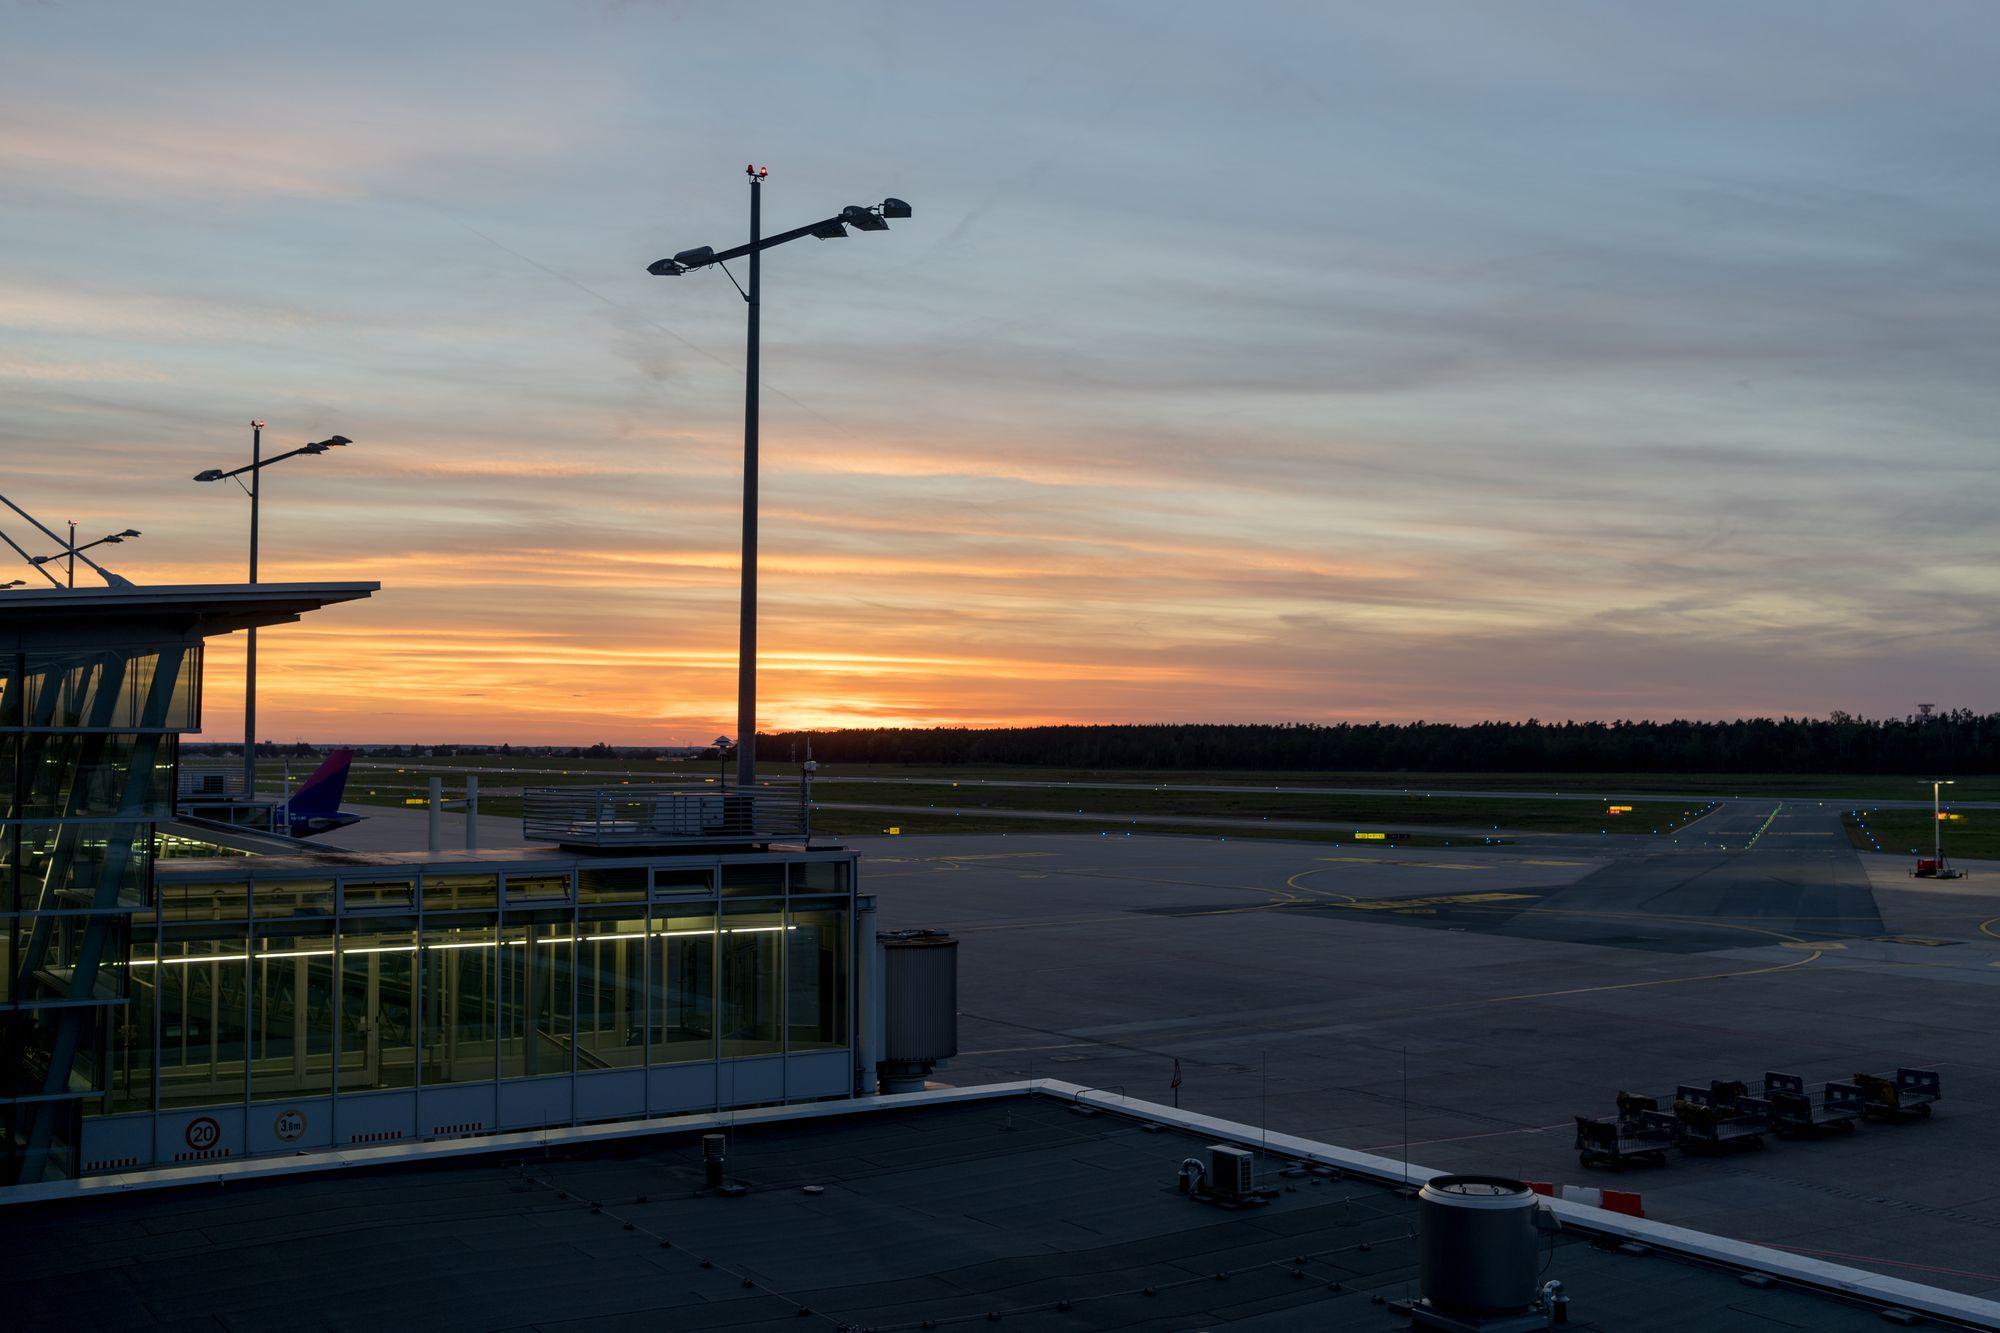 Sonnenuntergang am Flughafen Nürnberg auf dem Builderall Everest 2019 in Nürnberg (Germany)